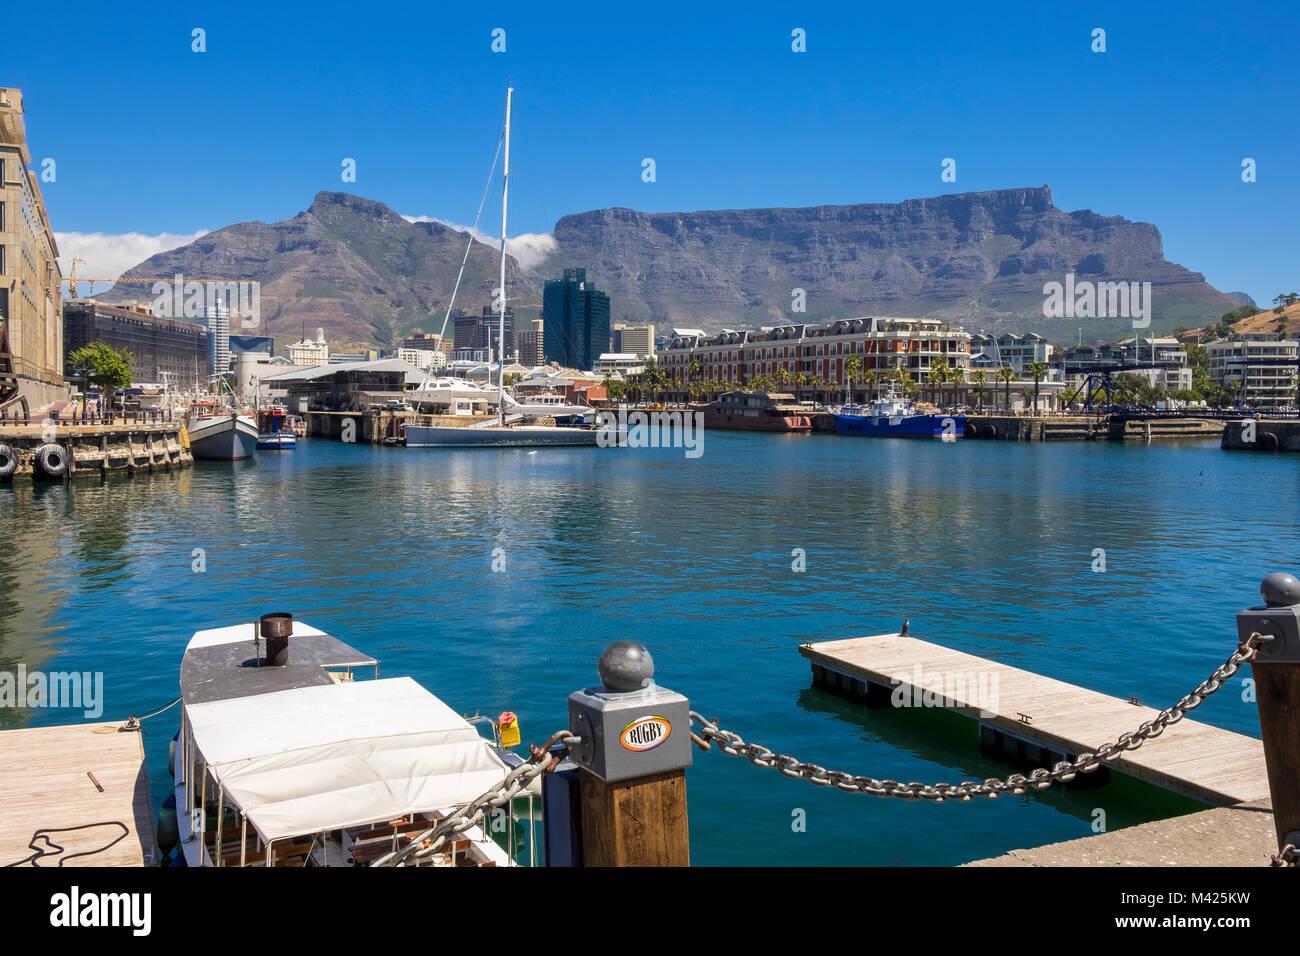 V&A Waterfront, Cape Town, Afrique du Sud, avec des bateaux dans le port de plaisance, l'hôtel Cape Photo Stock